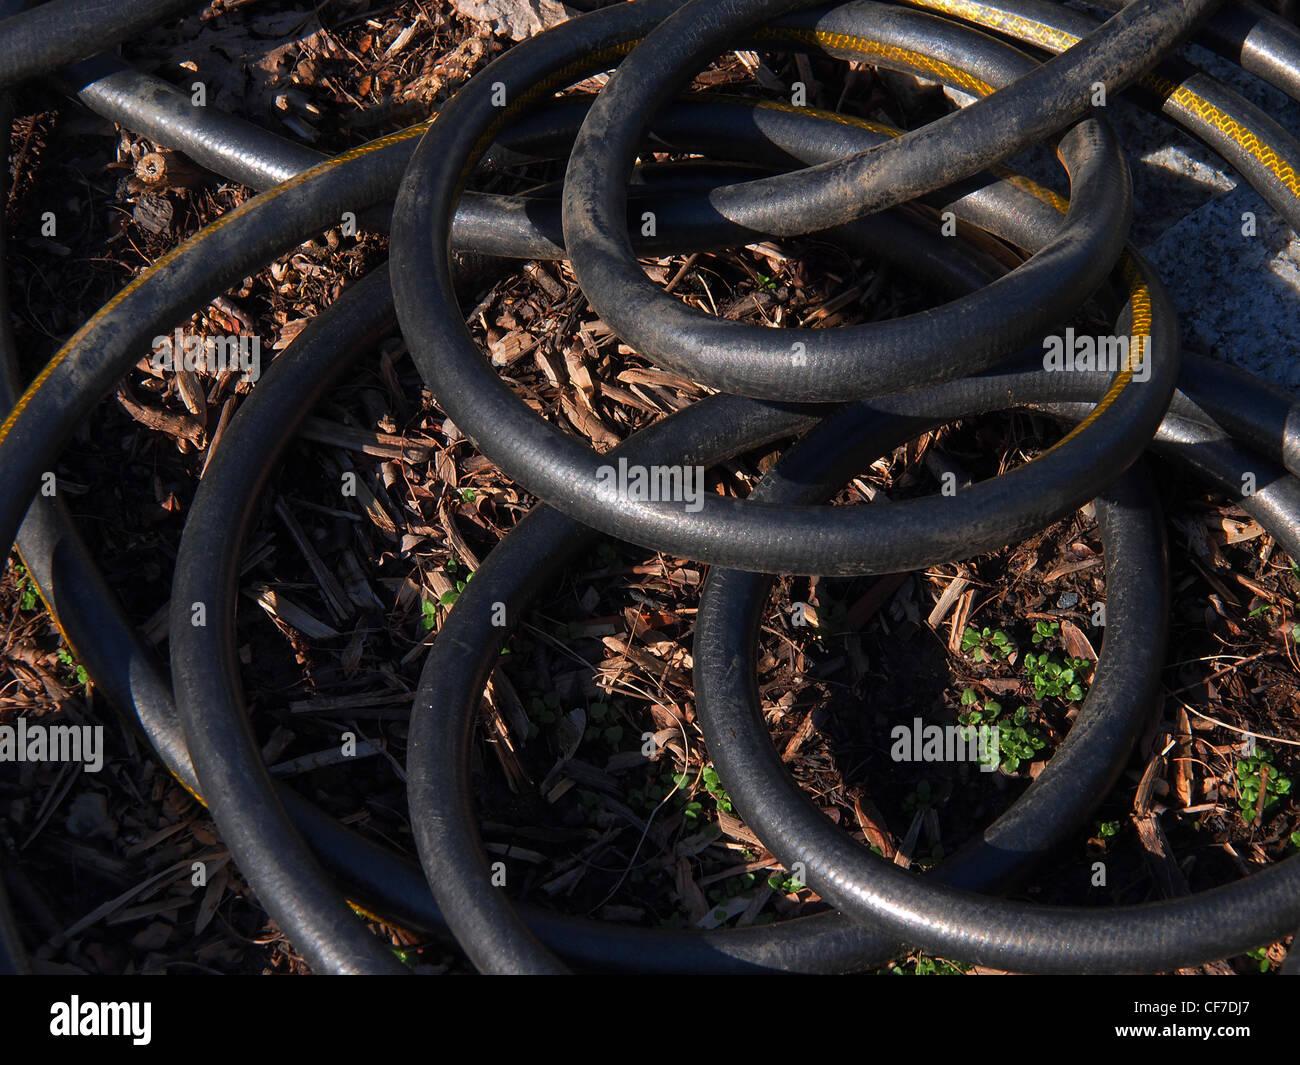 Coiled Black Garden Hose   Stock Image